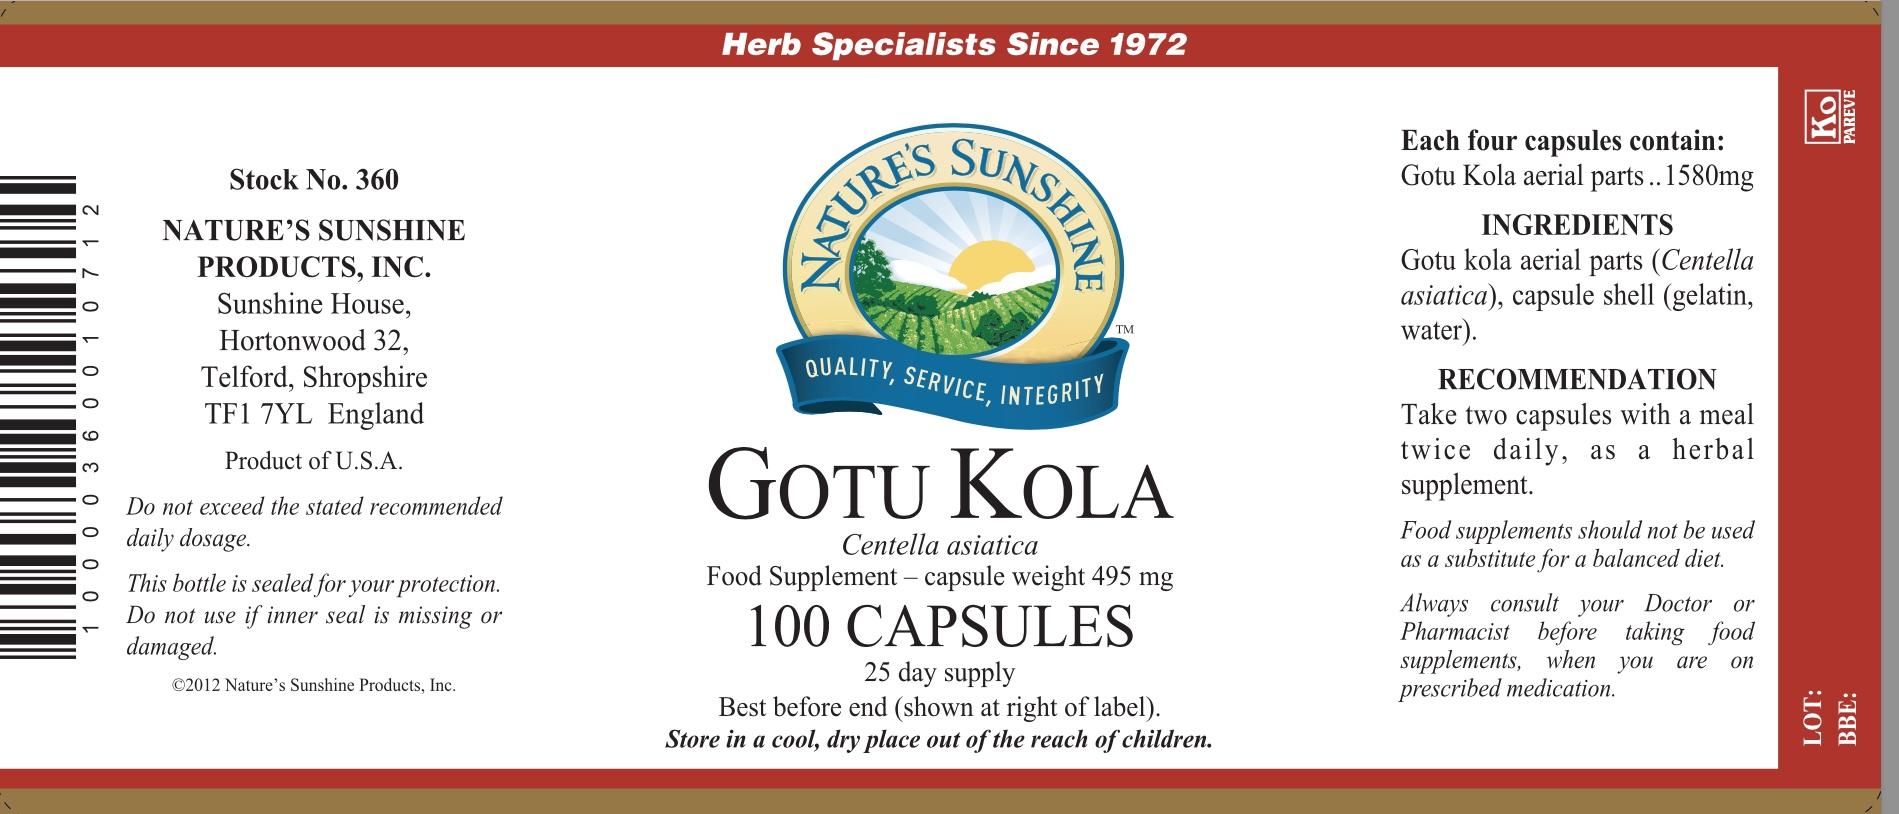 Nature's Sunshine Gotu Kola Label